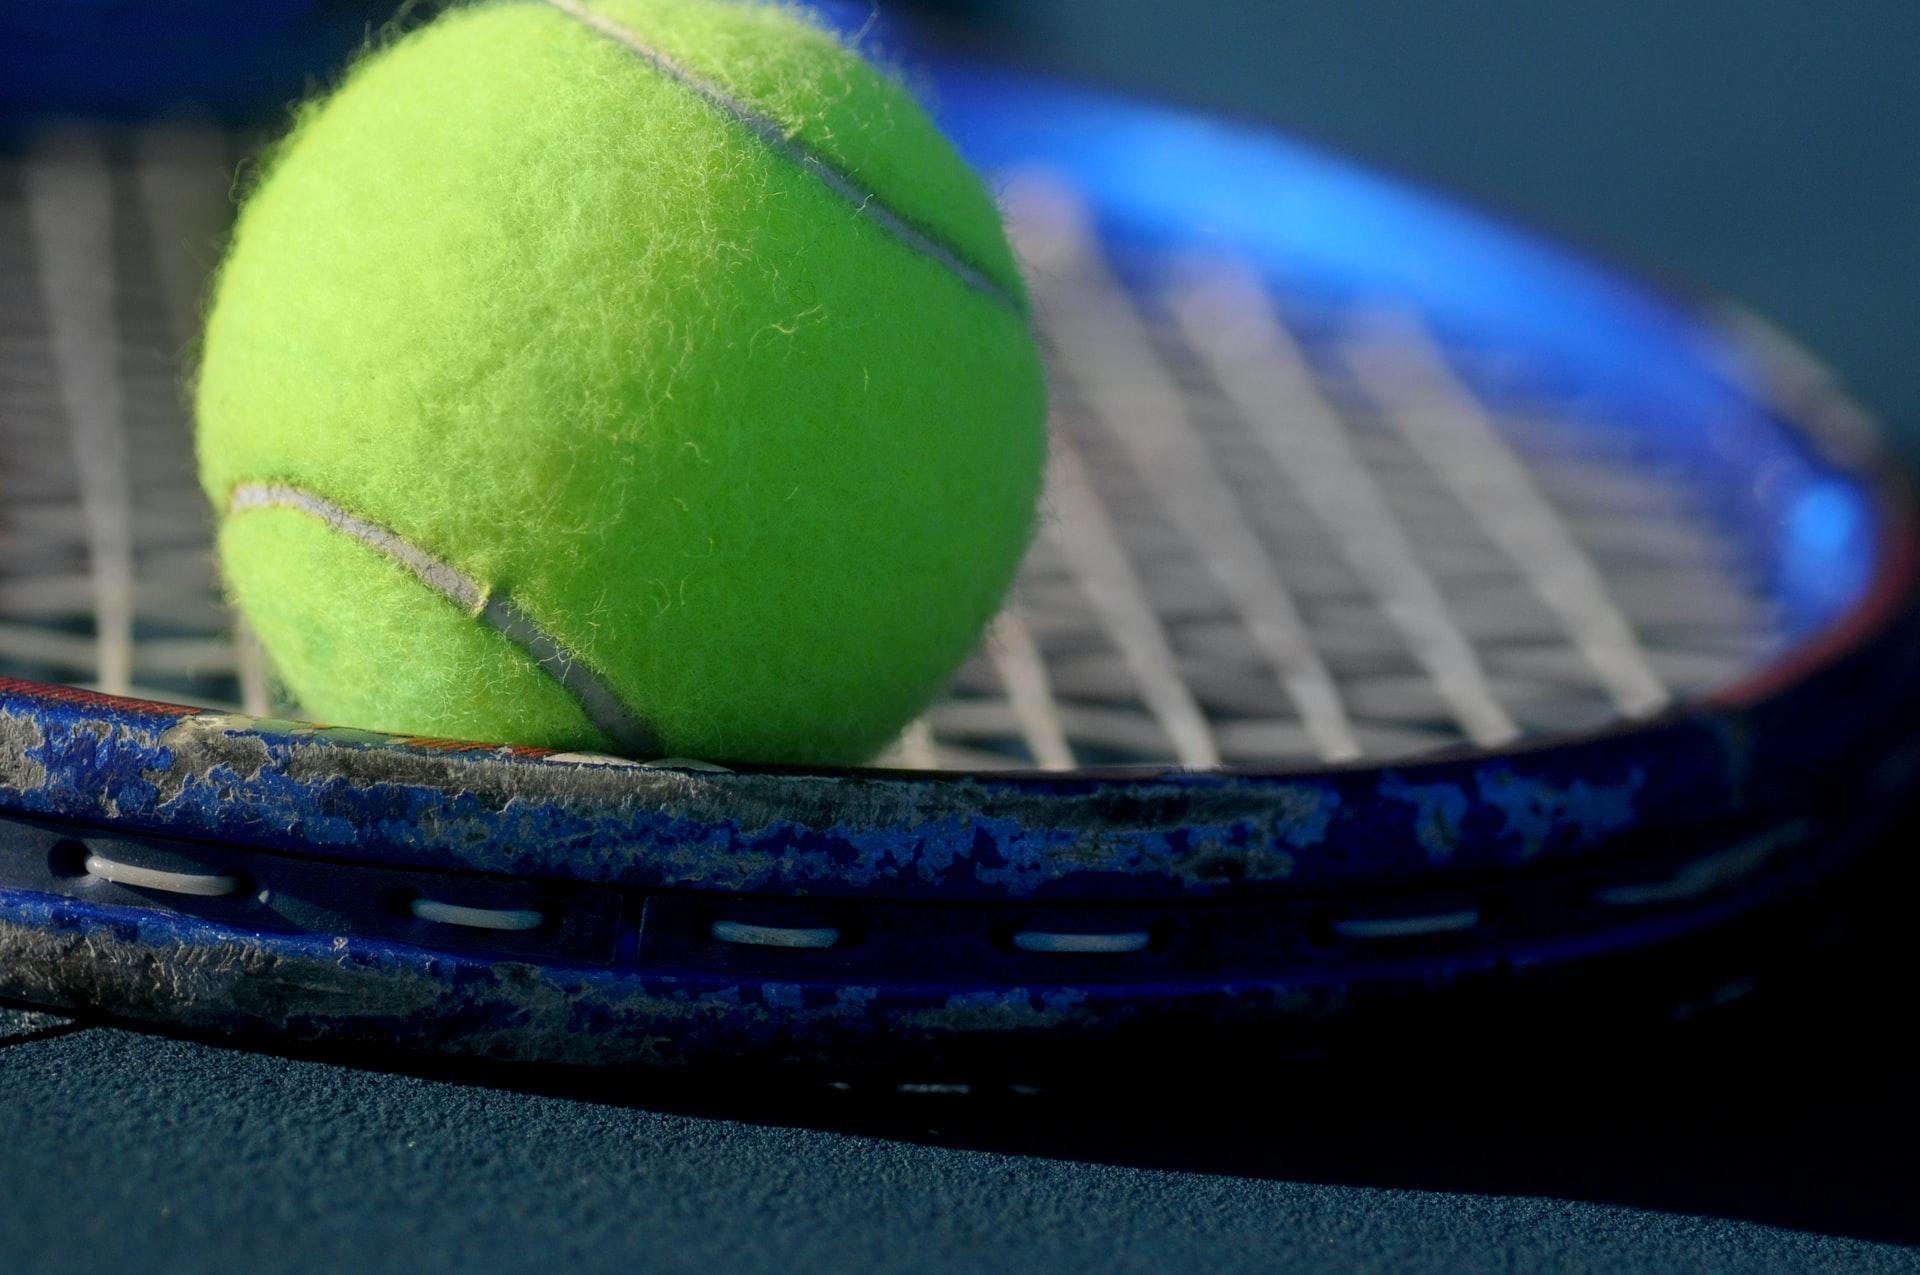 raqueta con pelota de tennis